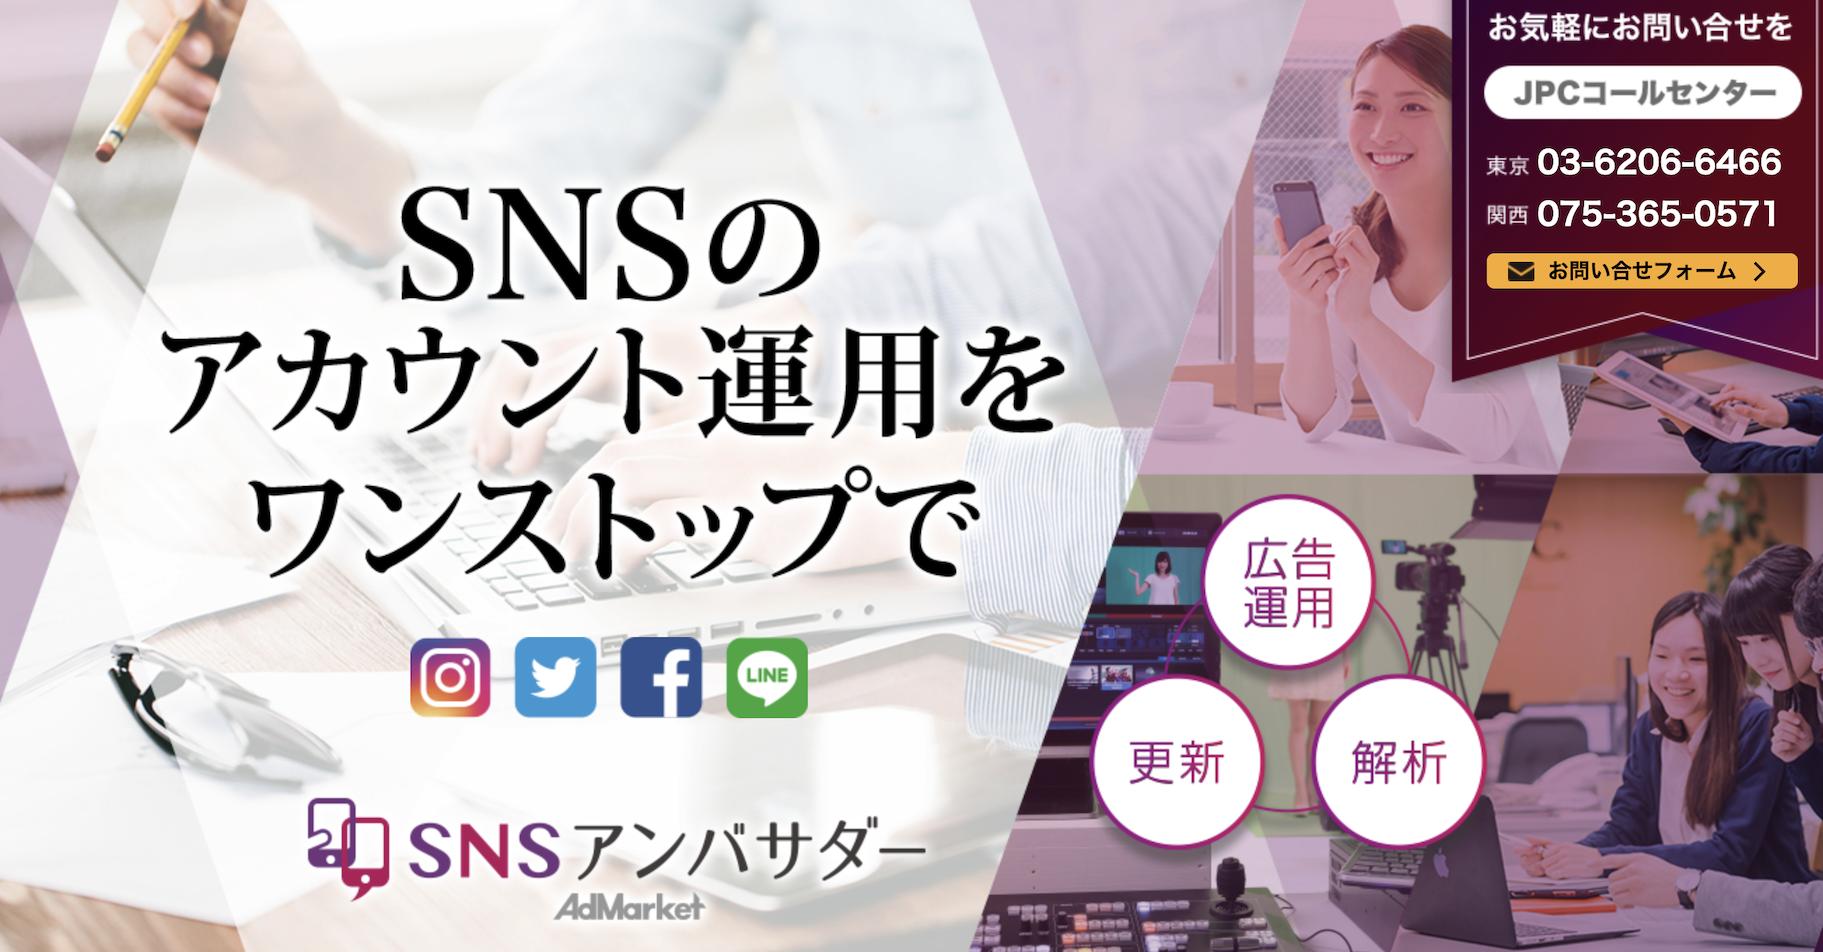 SNSアンバサダー_トップページ